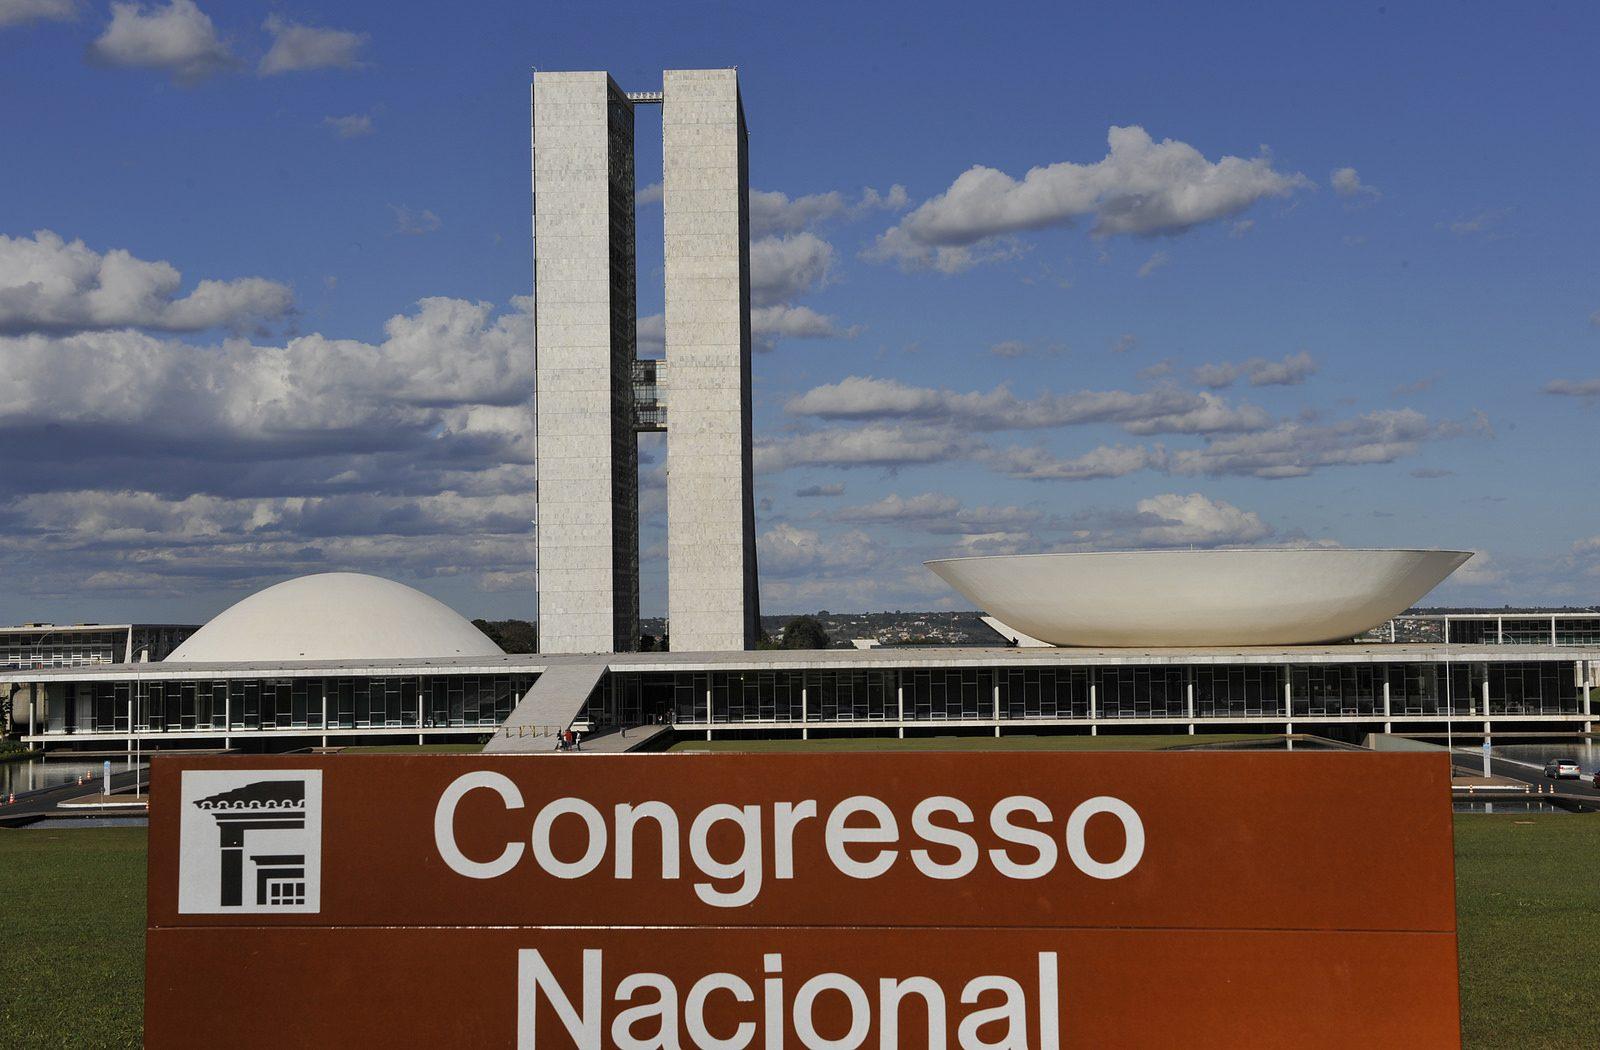 Congresso-Nacional-e1538739386982